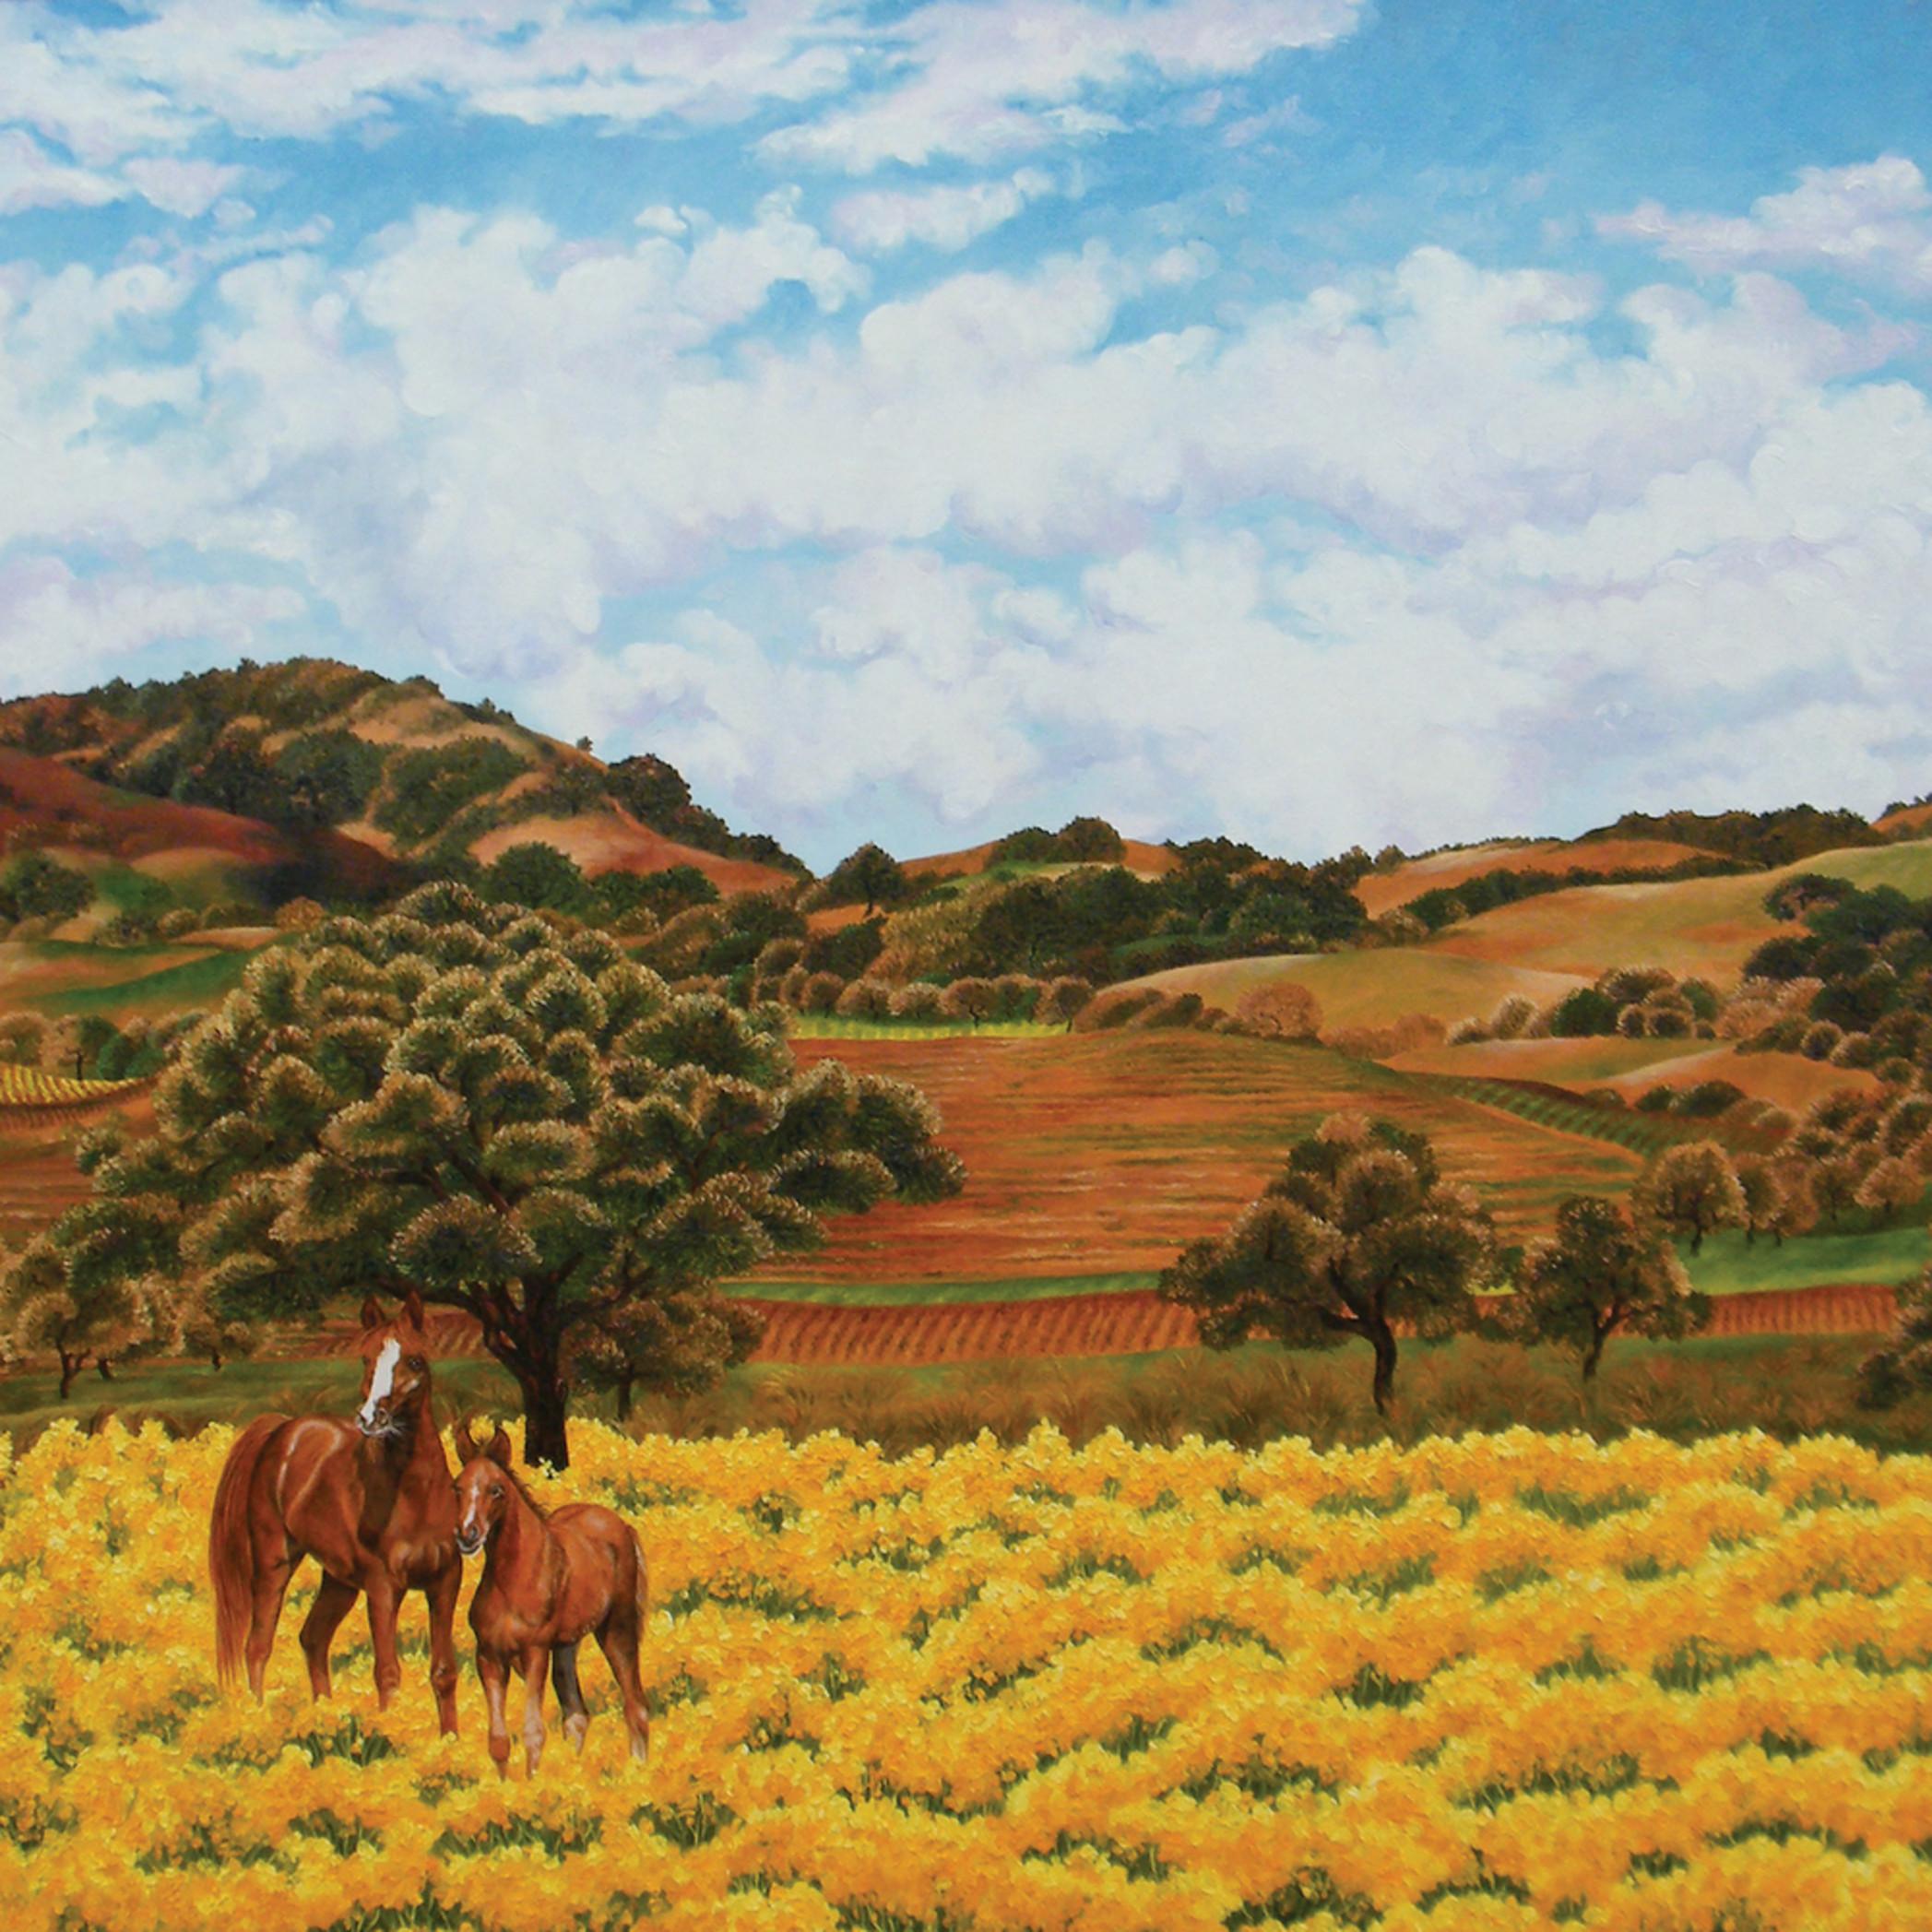 Oldsonomahorses rgb copyto work on voyu2a